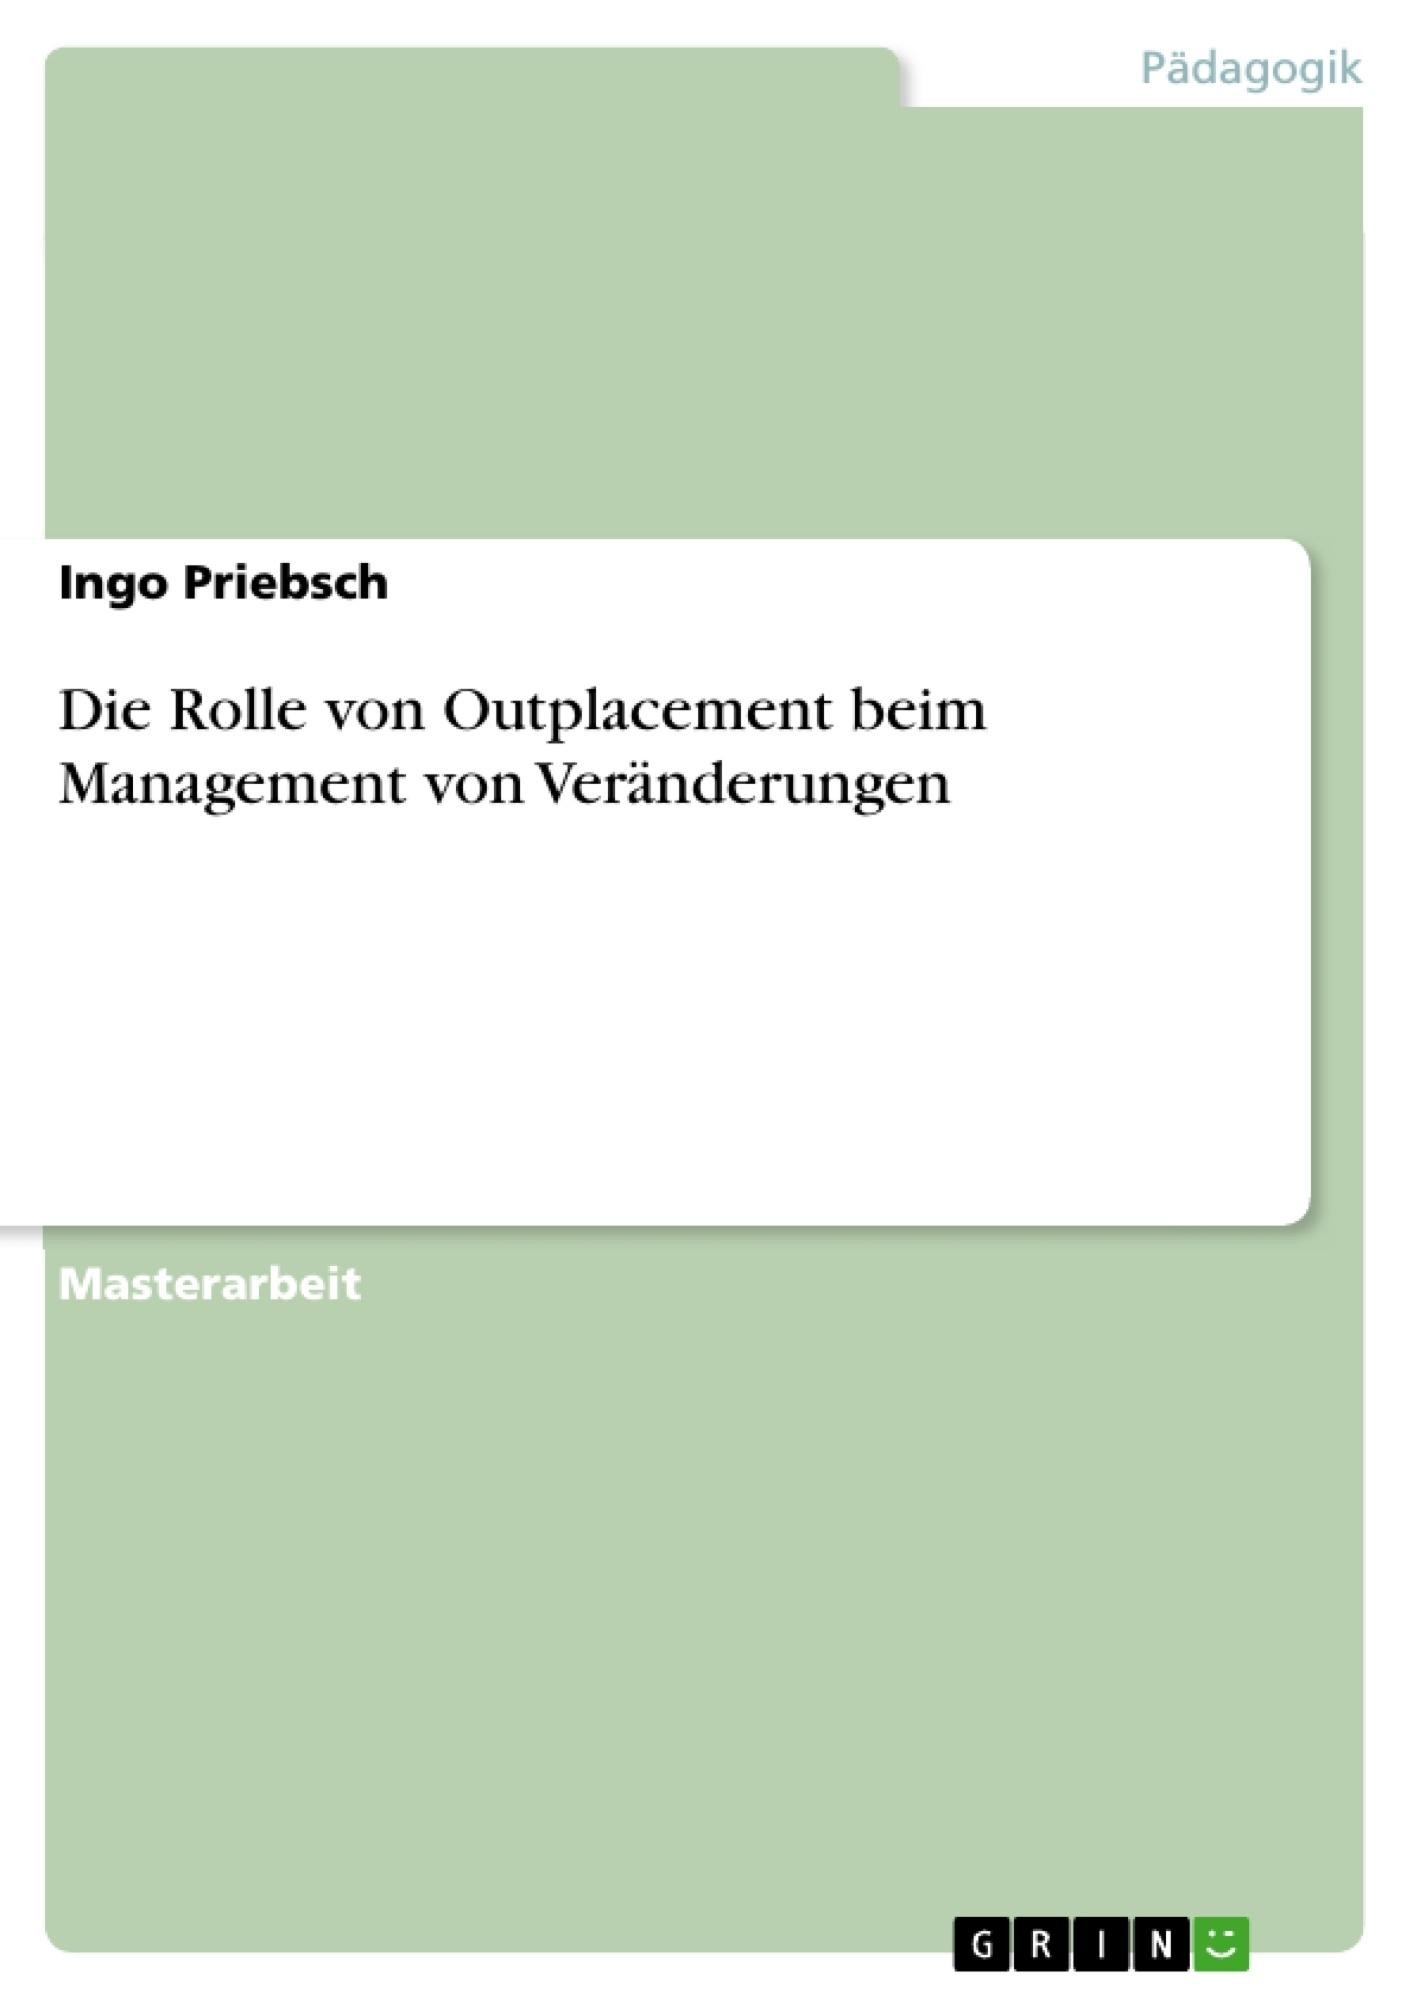 Titel: Die Rolle von Outplacement beim Management von Veränderungen